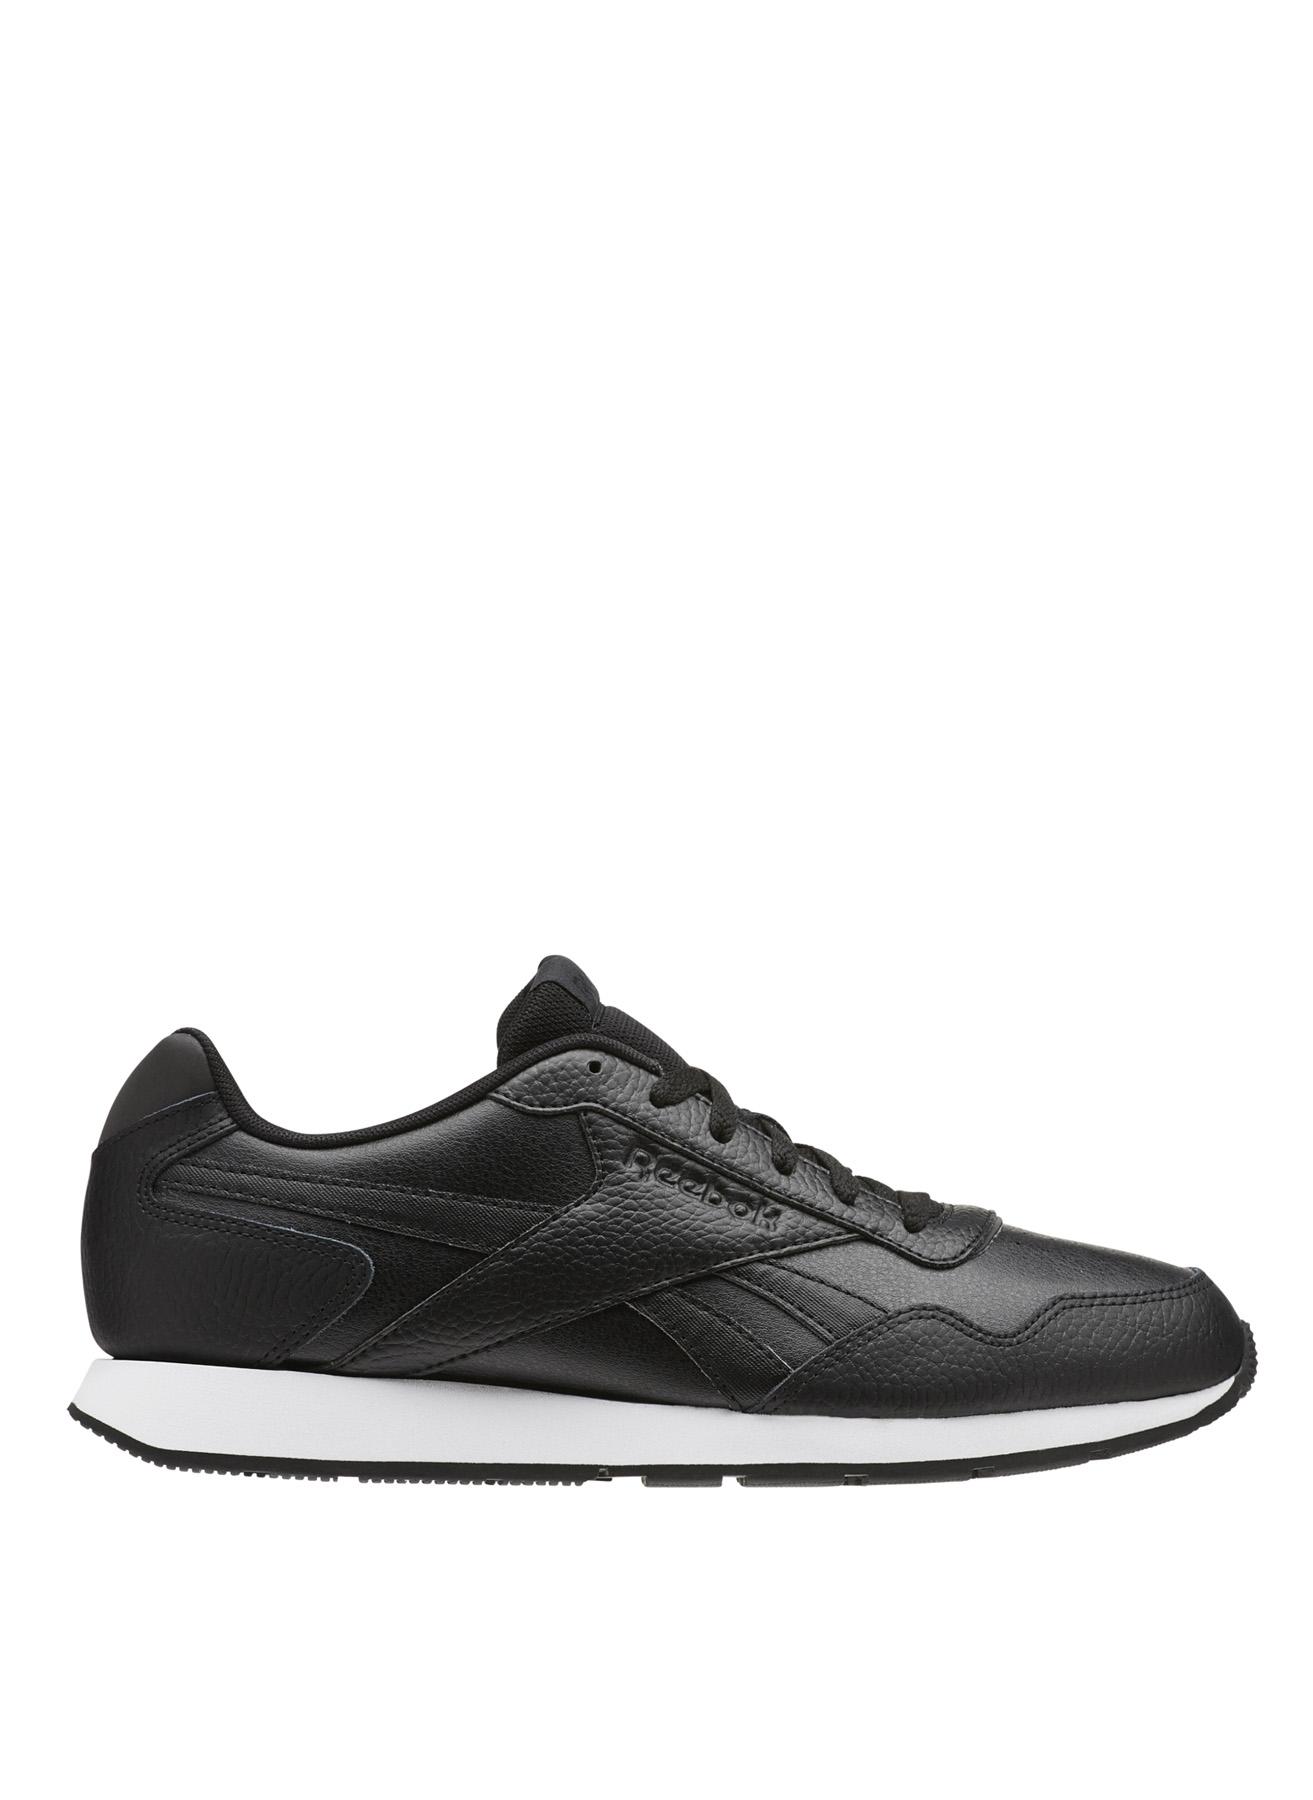 Reebok Royal Glide Lifestyle Ayakkabı 40 5001633217002 Ürün Resmi